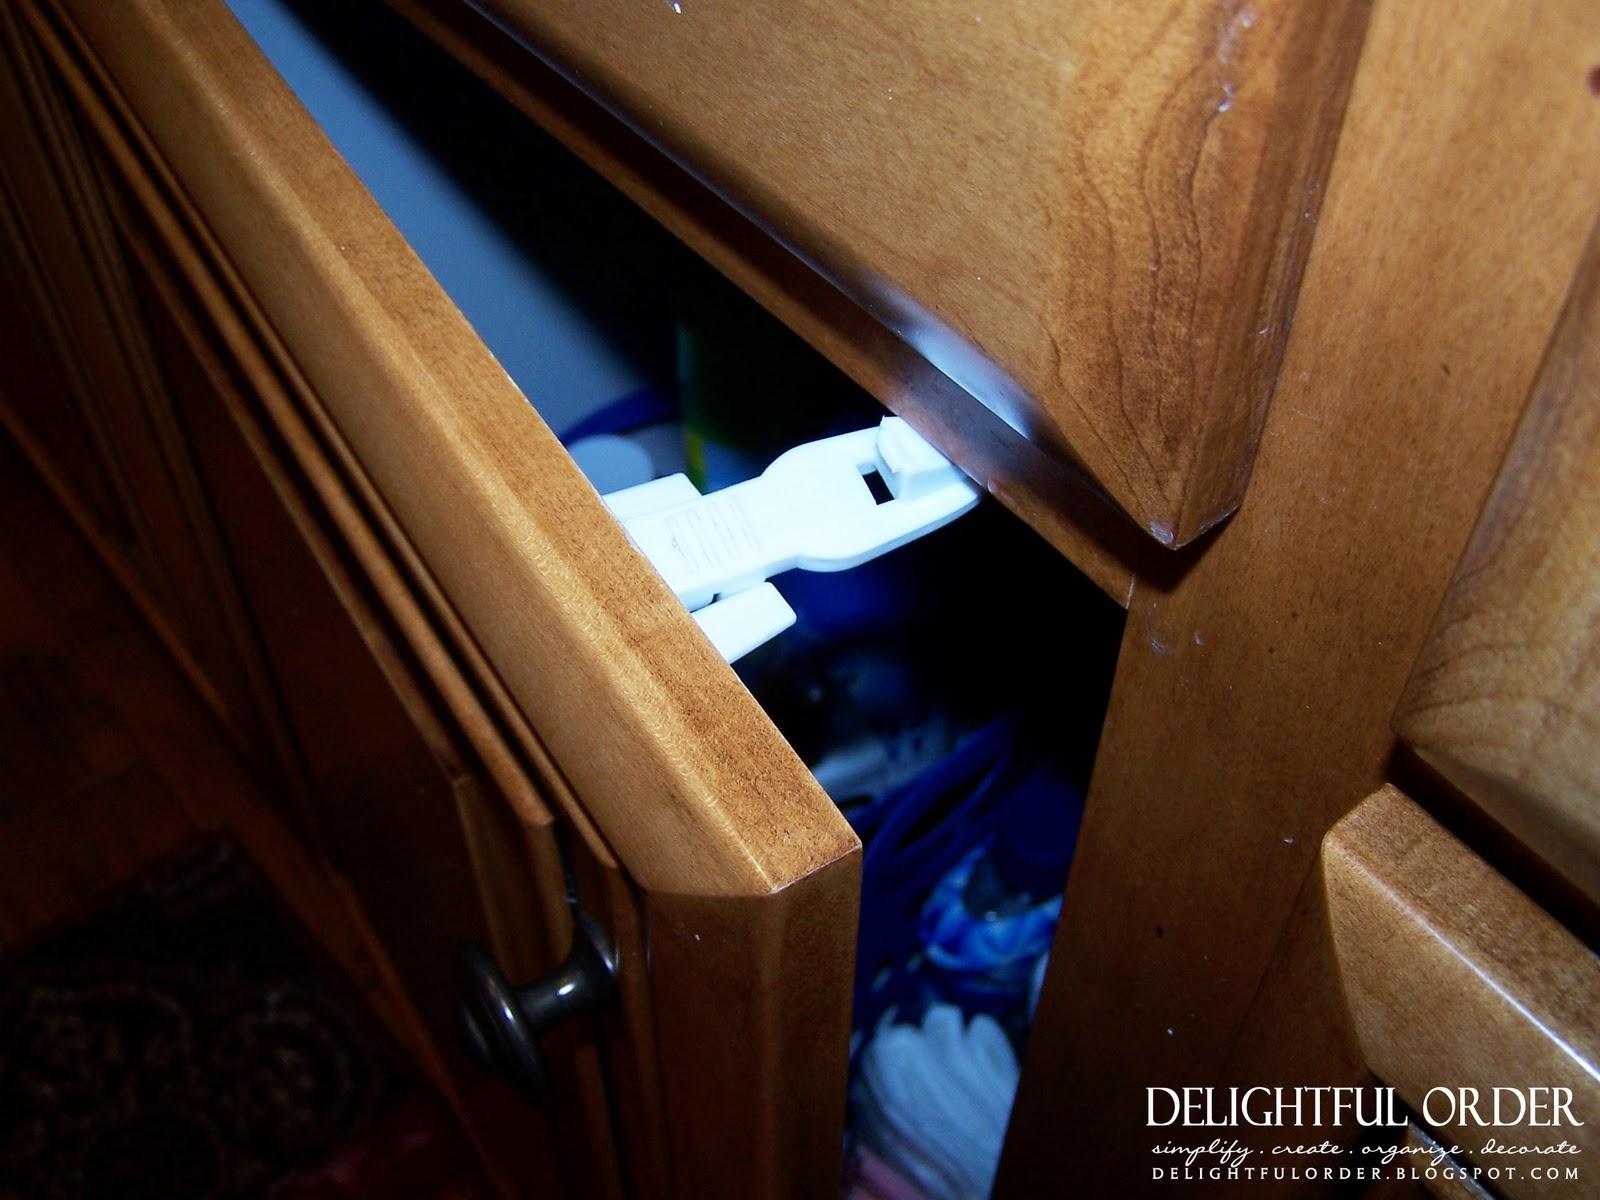 Delightful Order Organizing Under The Kitchen Sink